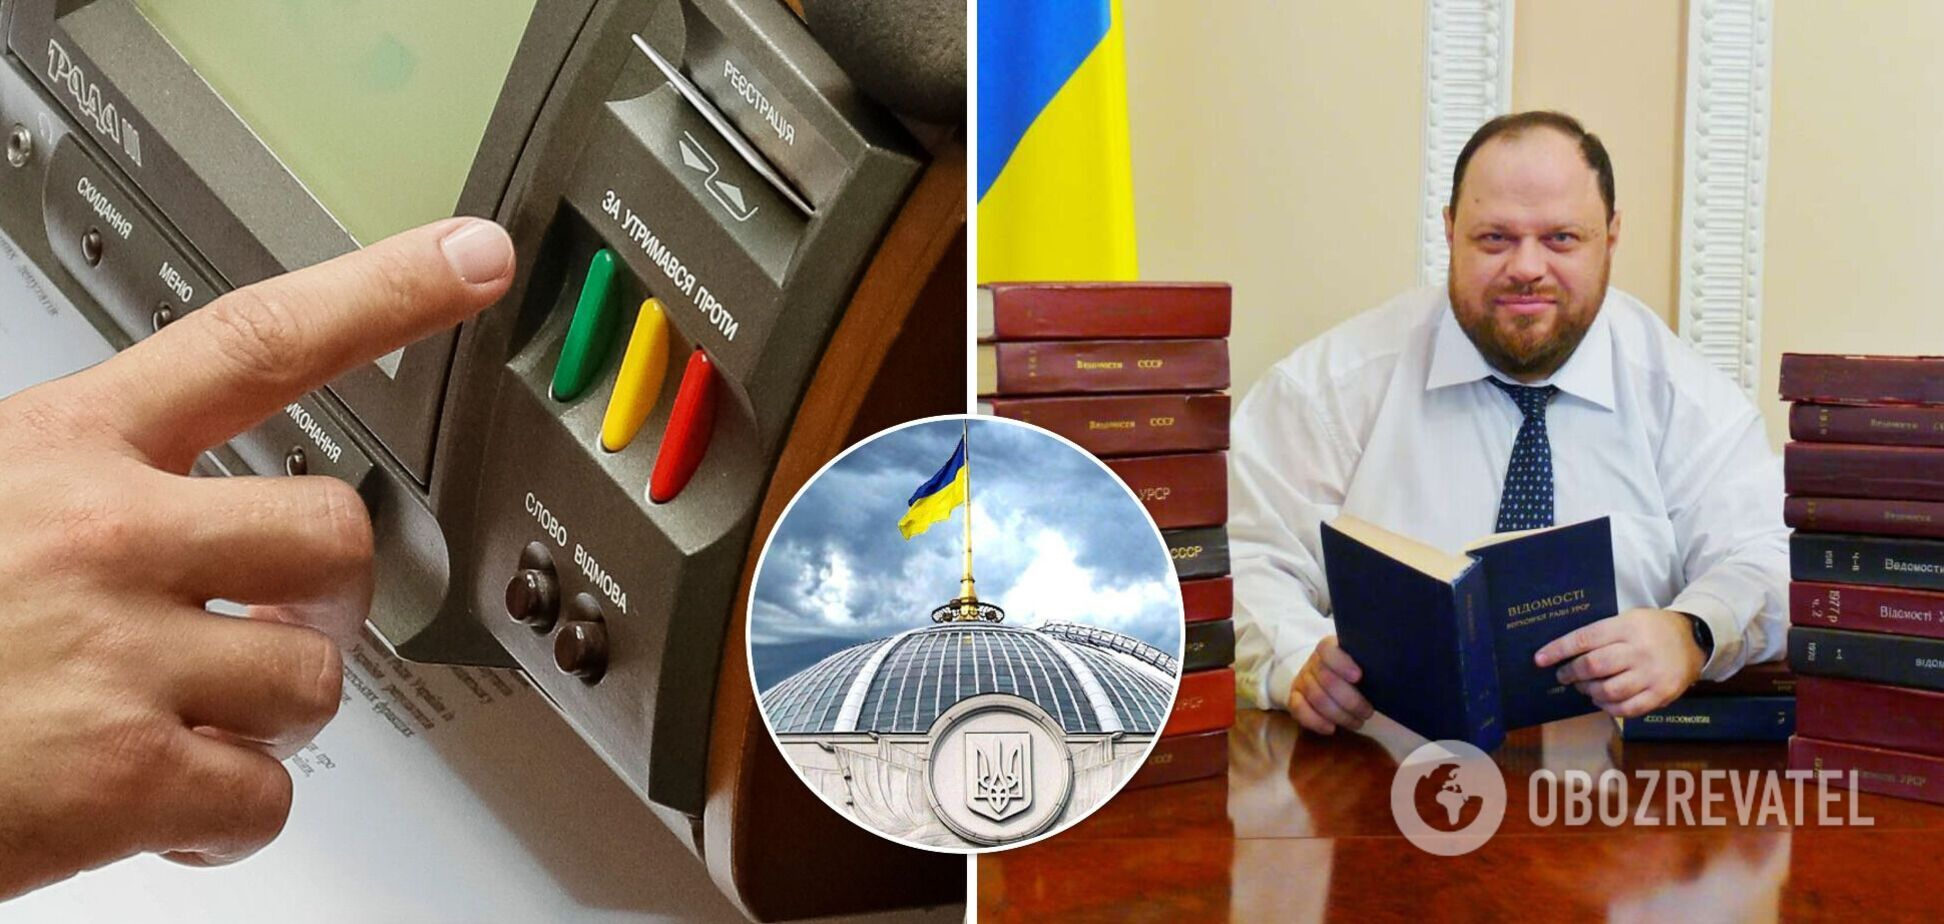 Законопроєкт про дерадянізацію законодавства в Україні